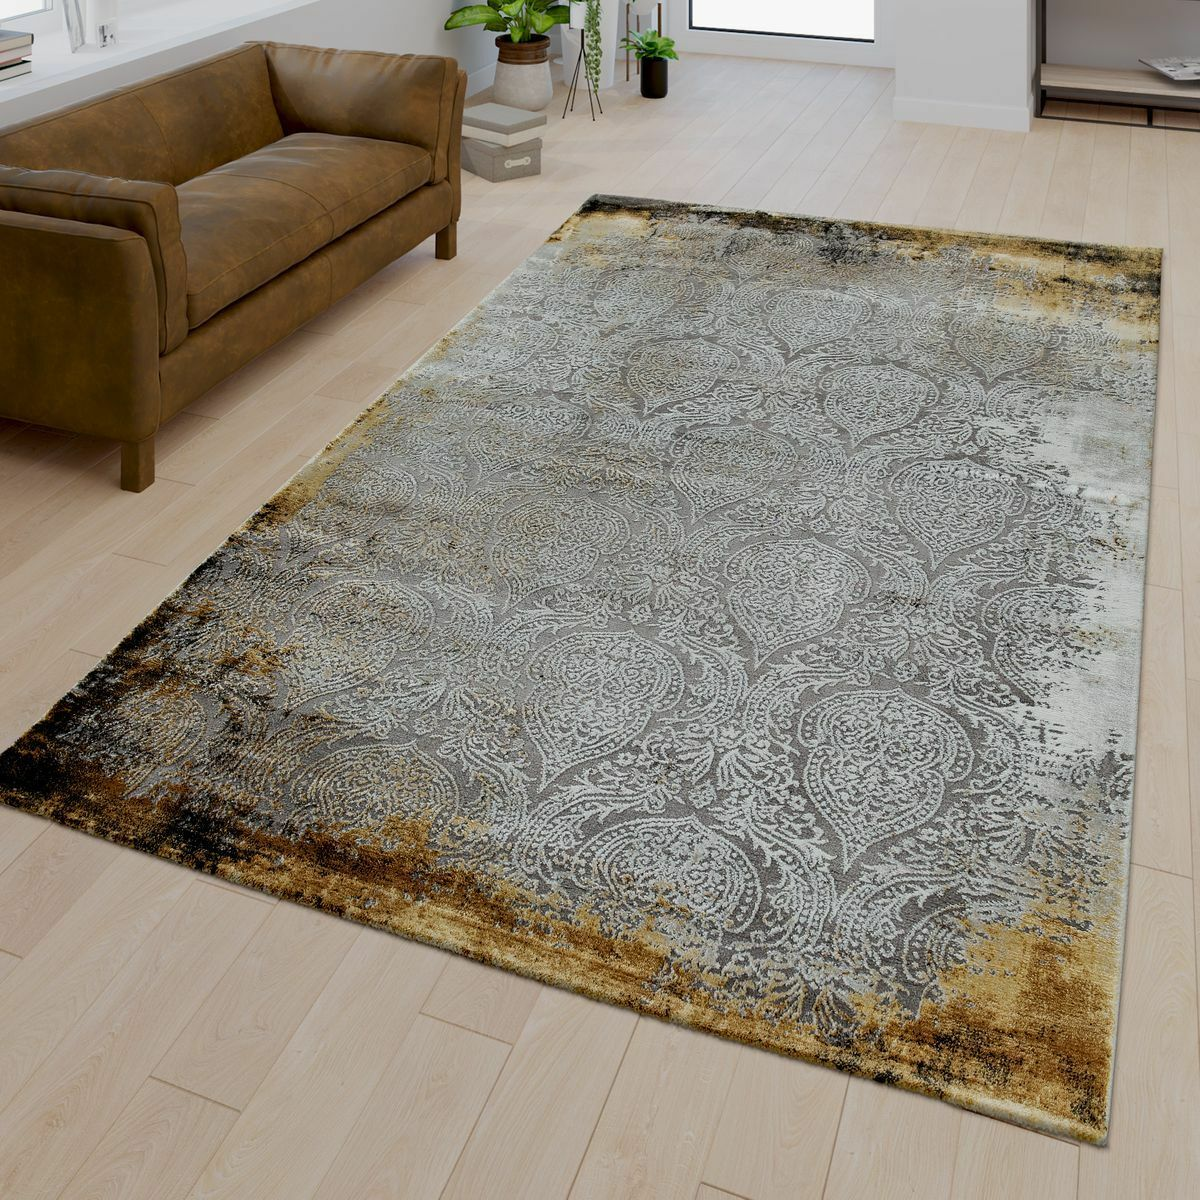 Wohnzimmer Muster| Teppich| 3D Optik| Moderne Orient Muster ...